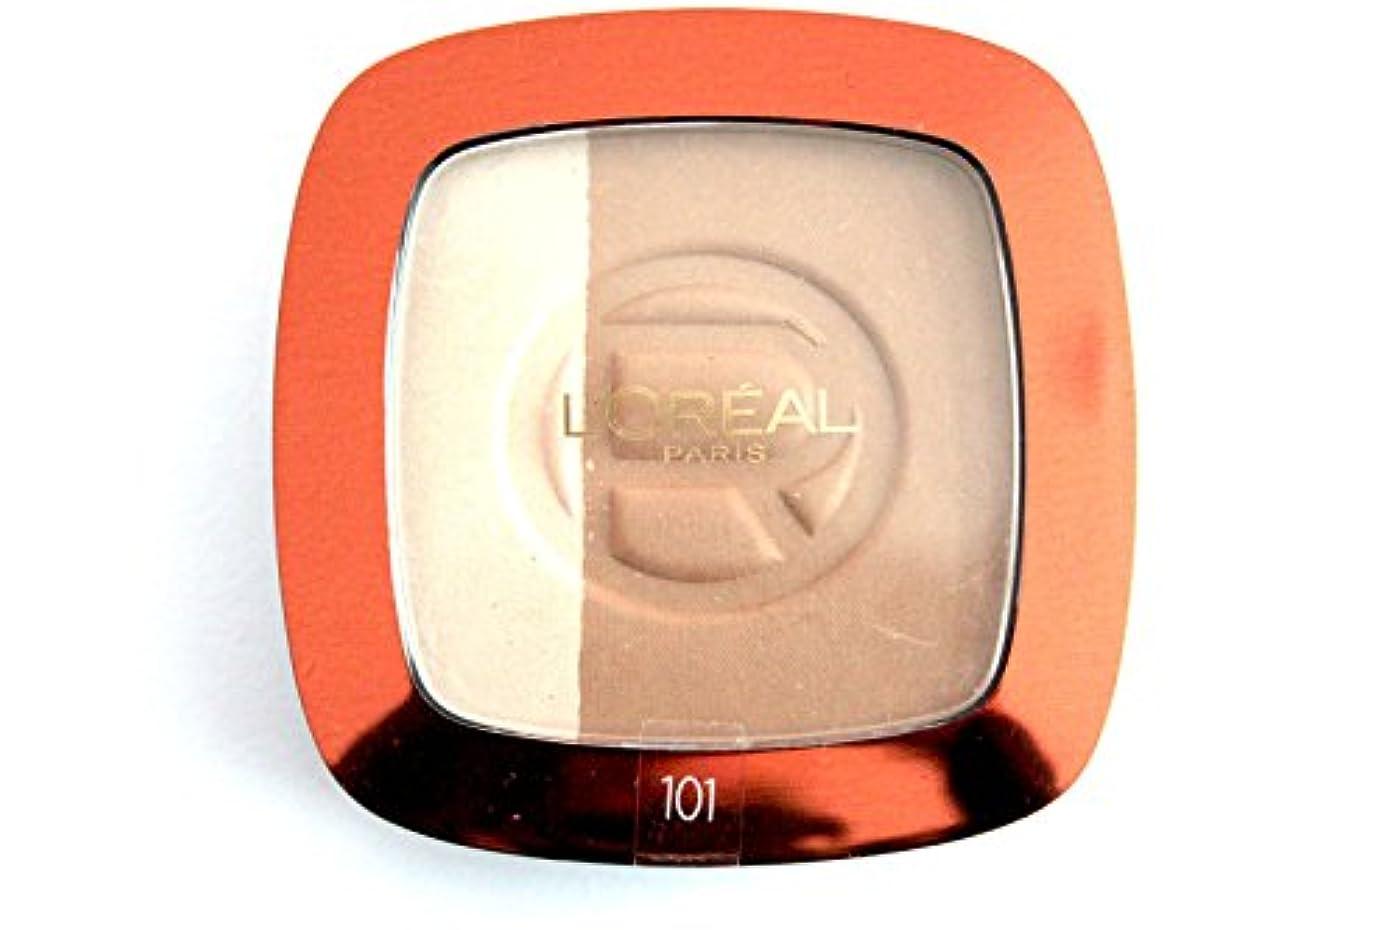 ノーブル実り多いご注意Loreal Glam Bronze hochglänzenden Powder Blonde Harmony 101